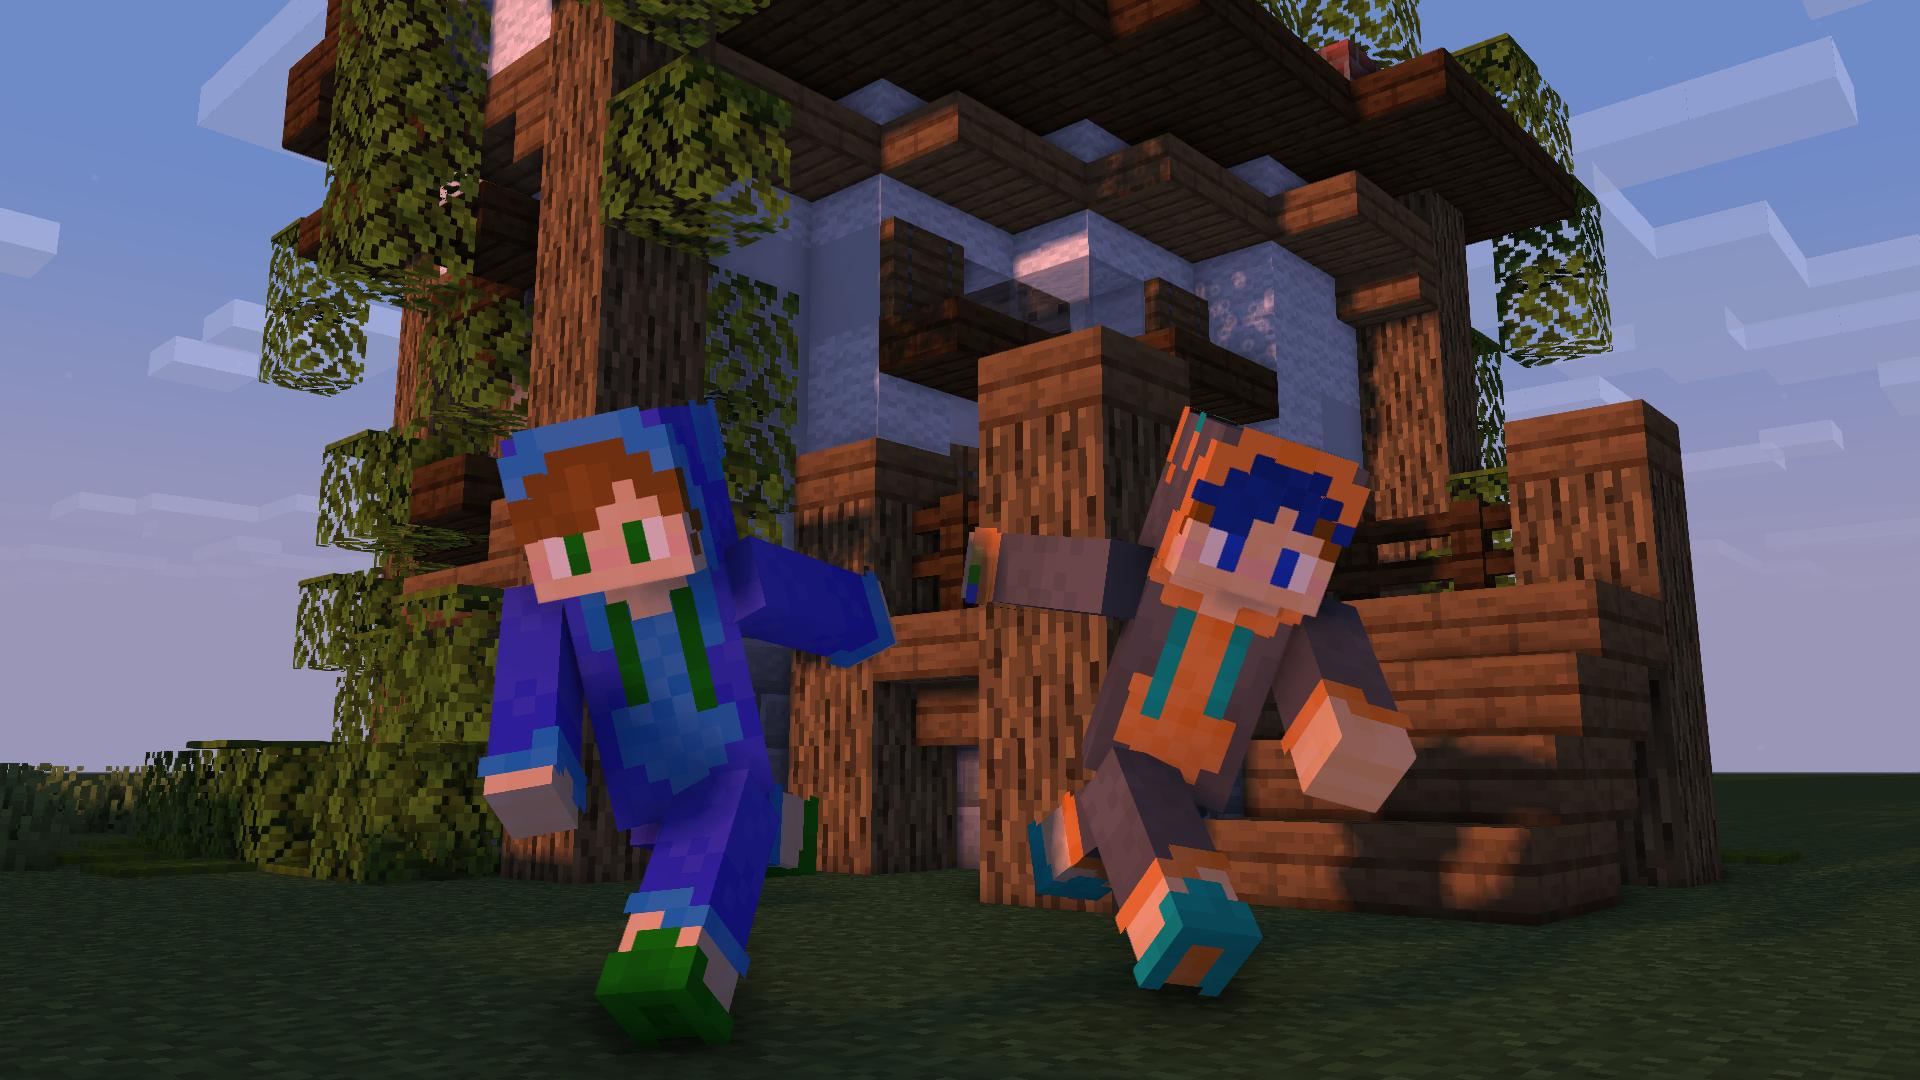 Render of me and my Boyfriend's Minecraft skins!